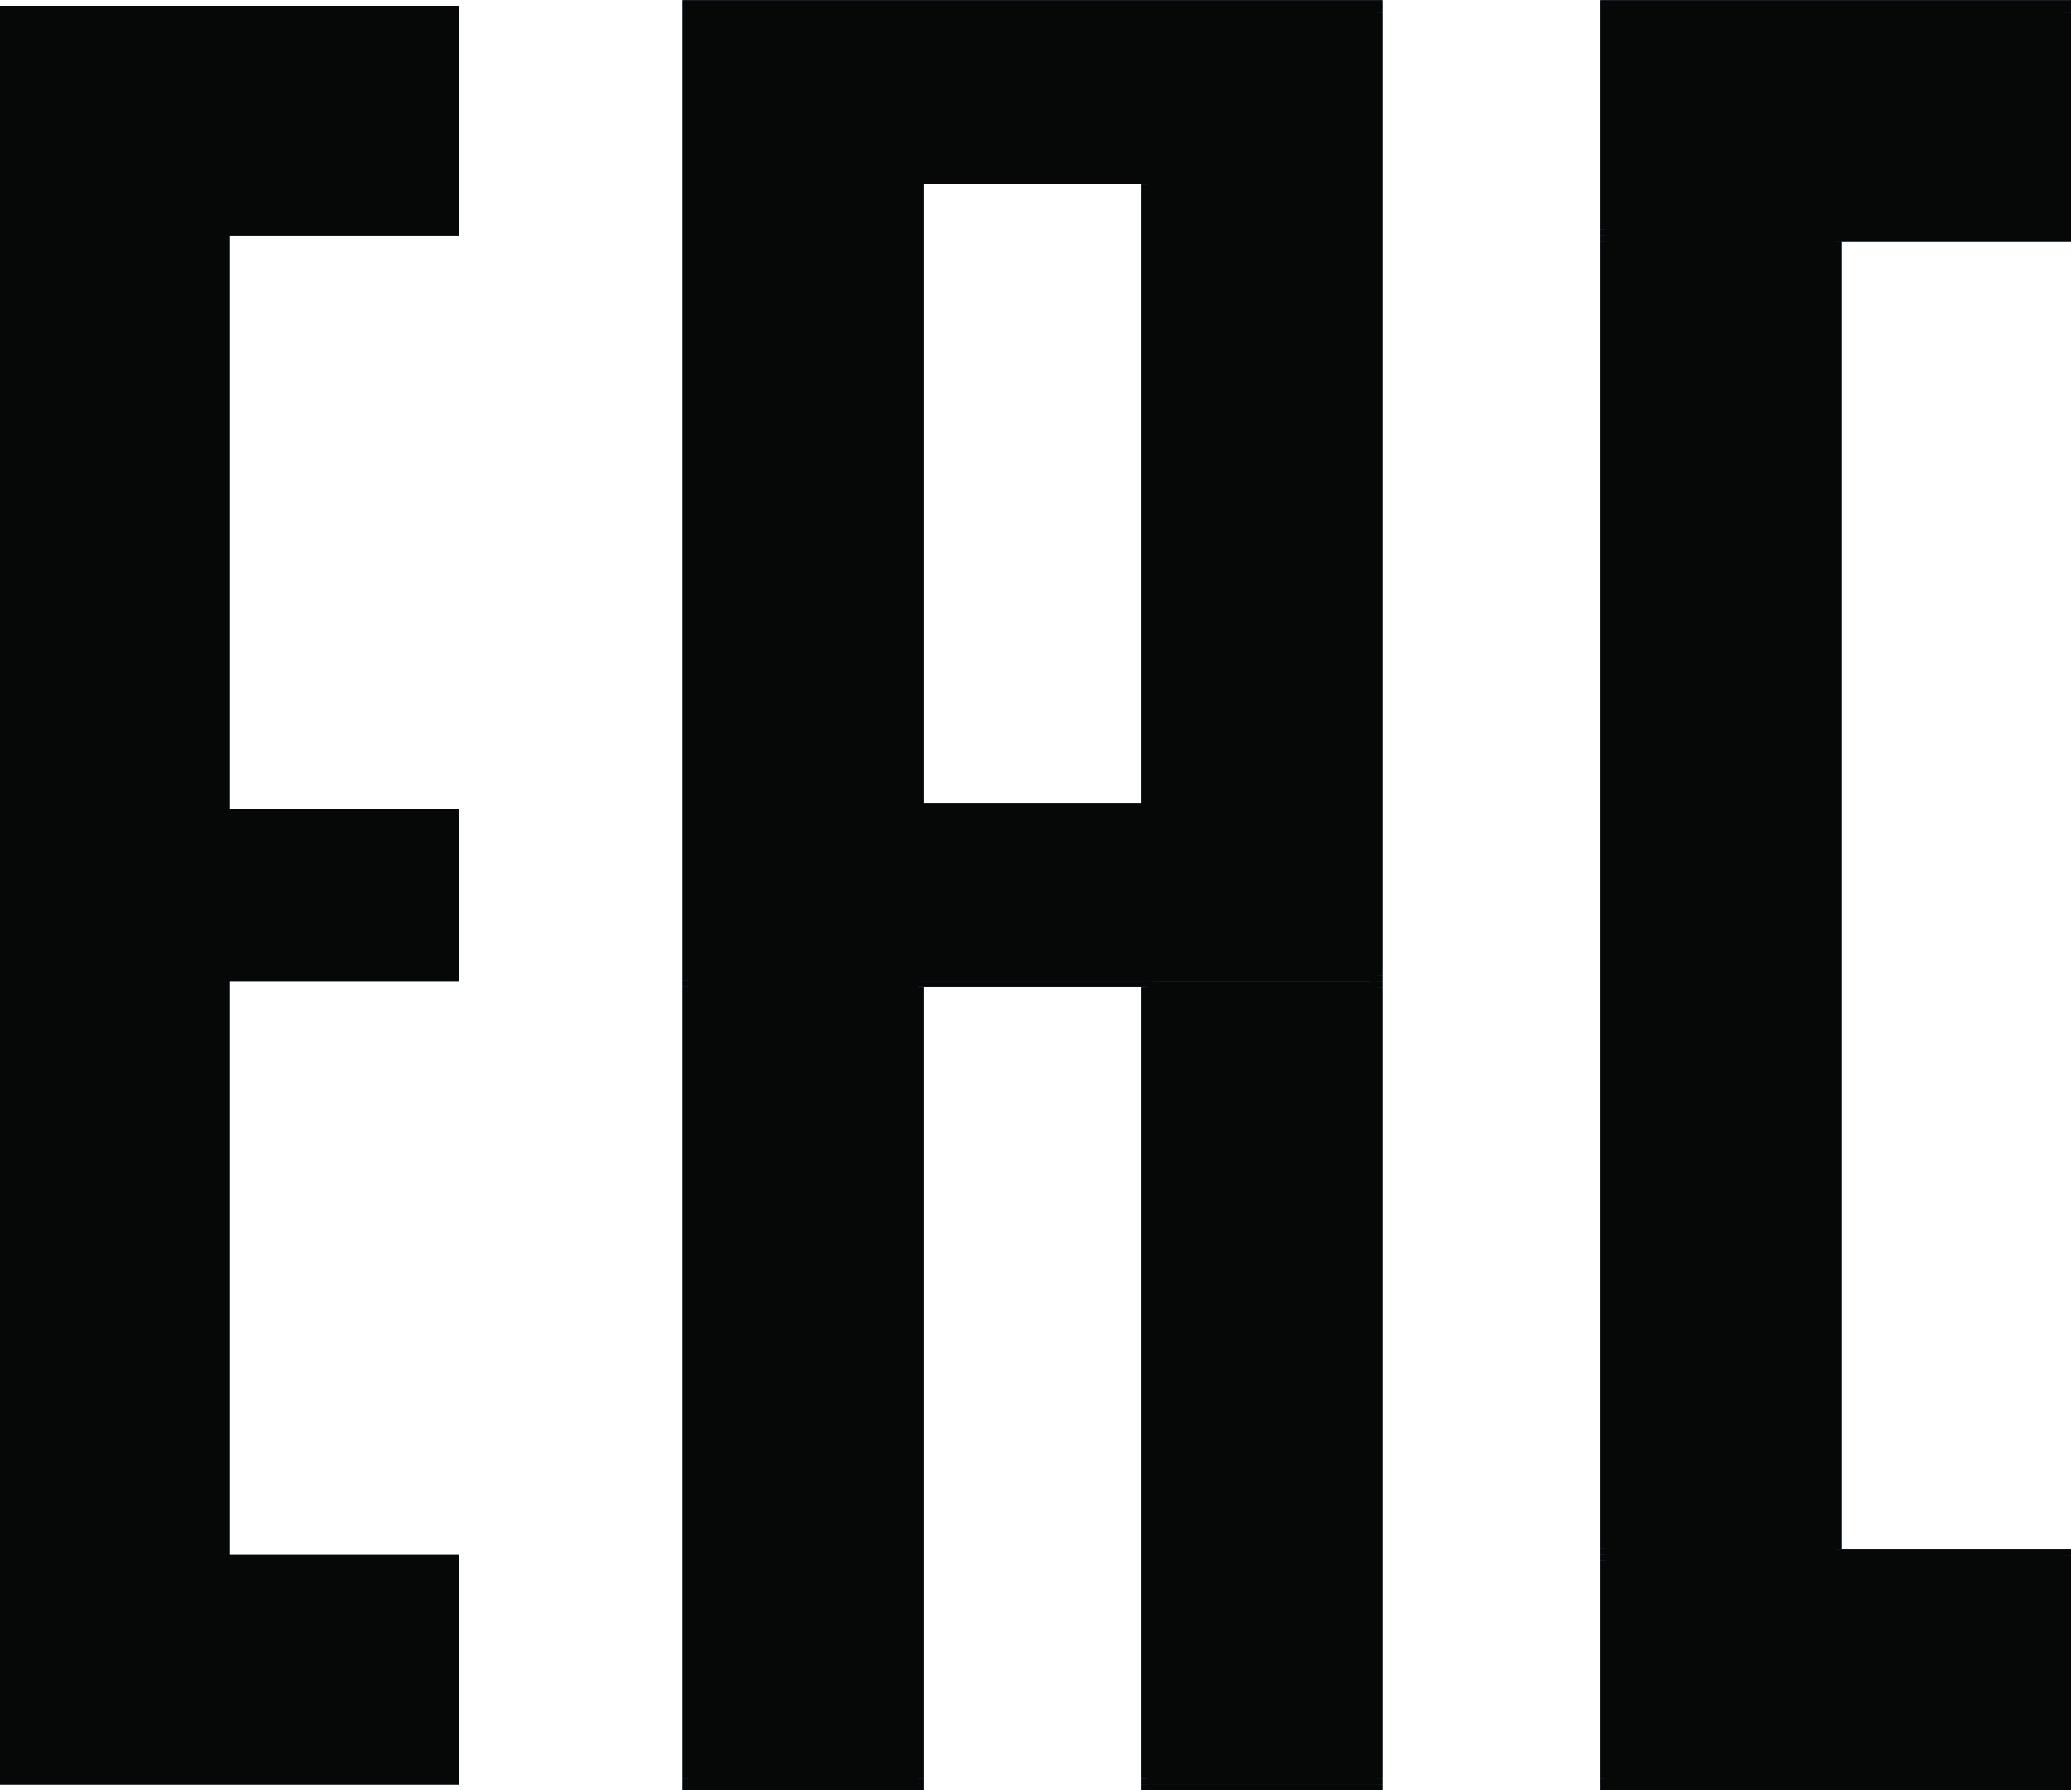 EAC_RU C-DE.MO05.B.00971/20